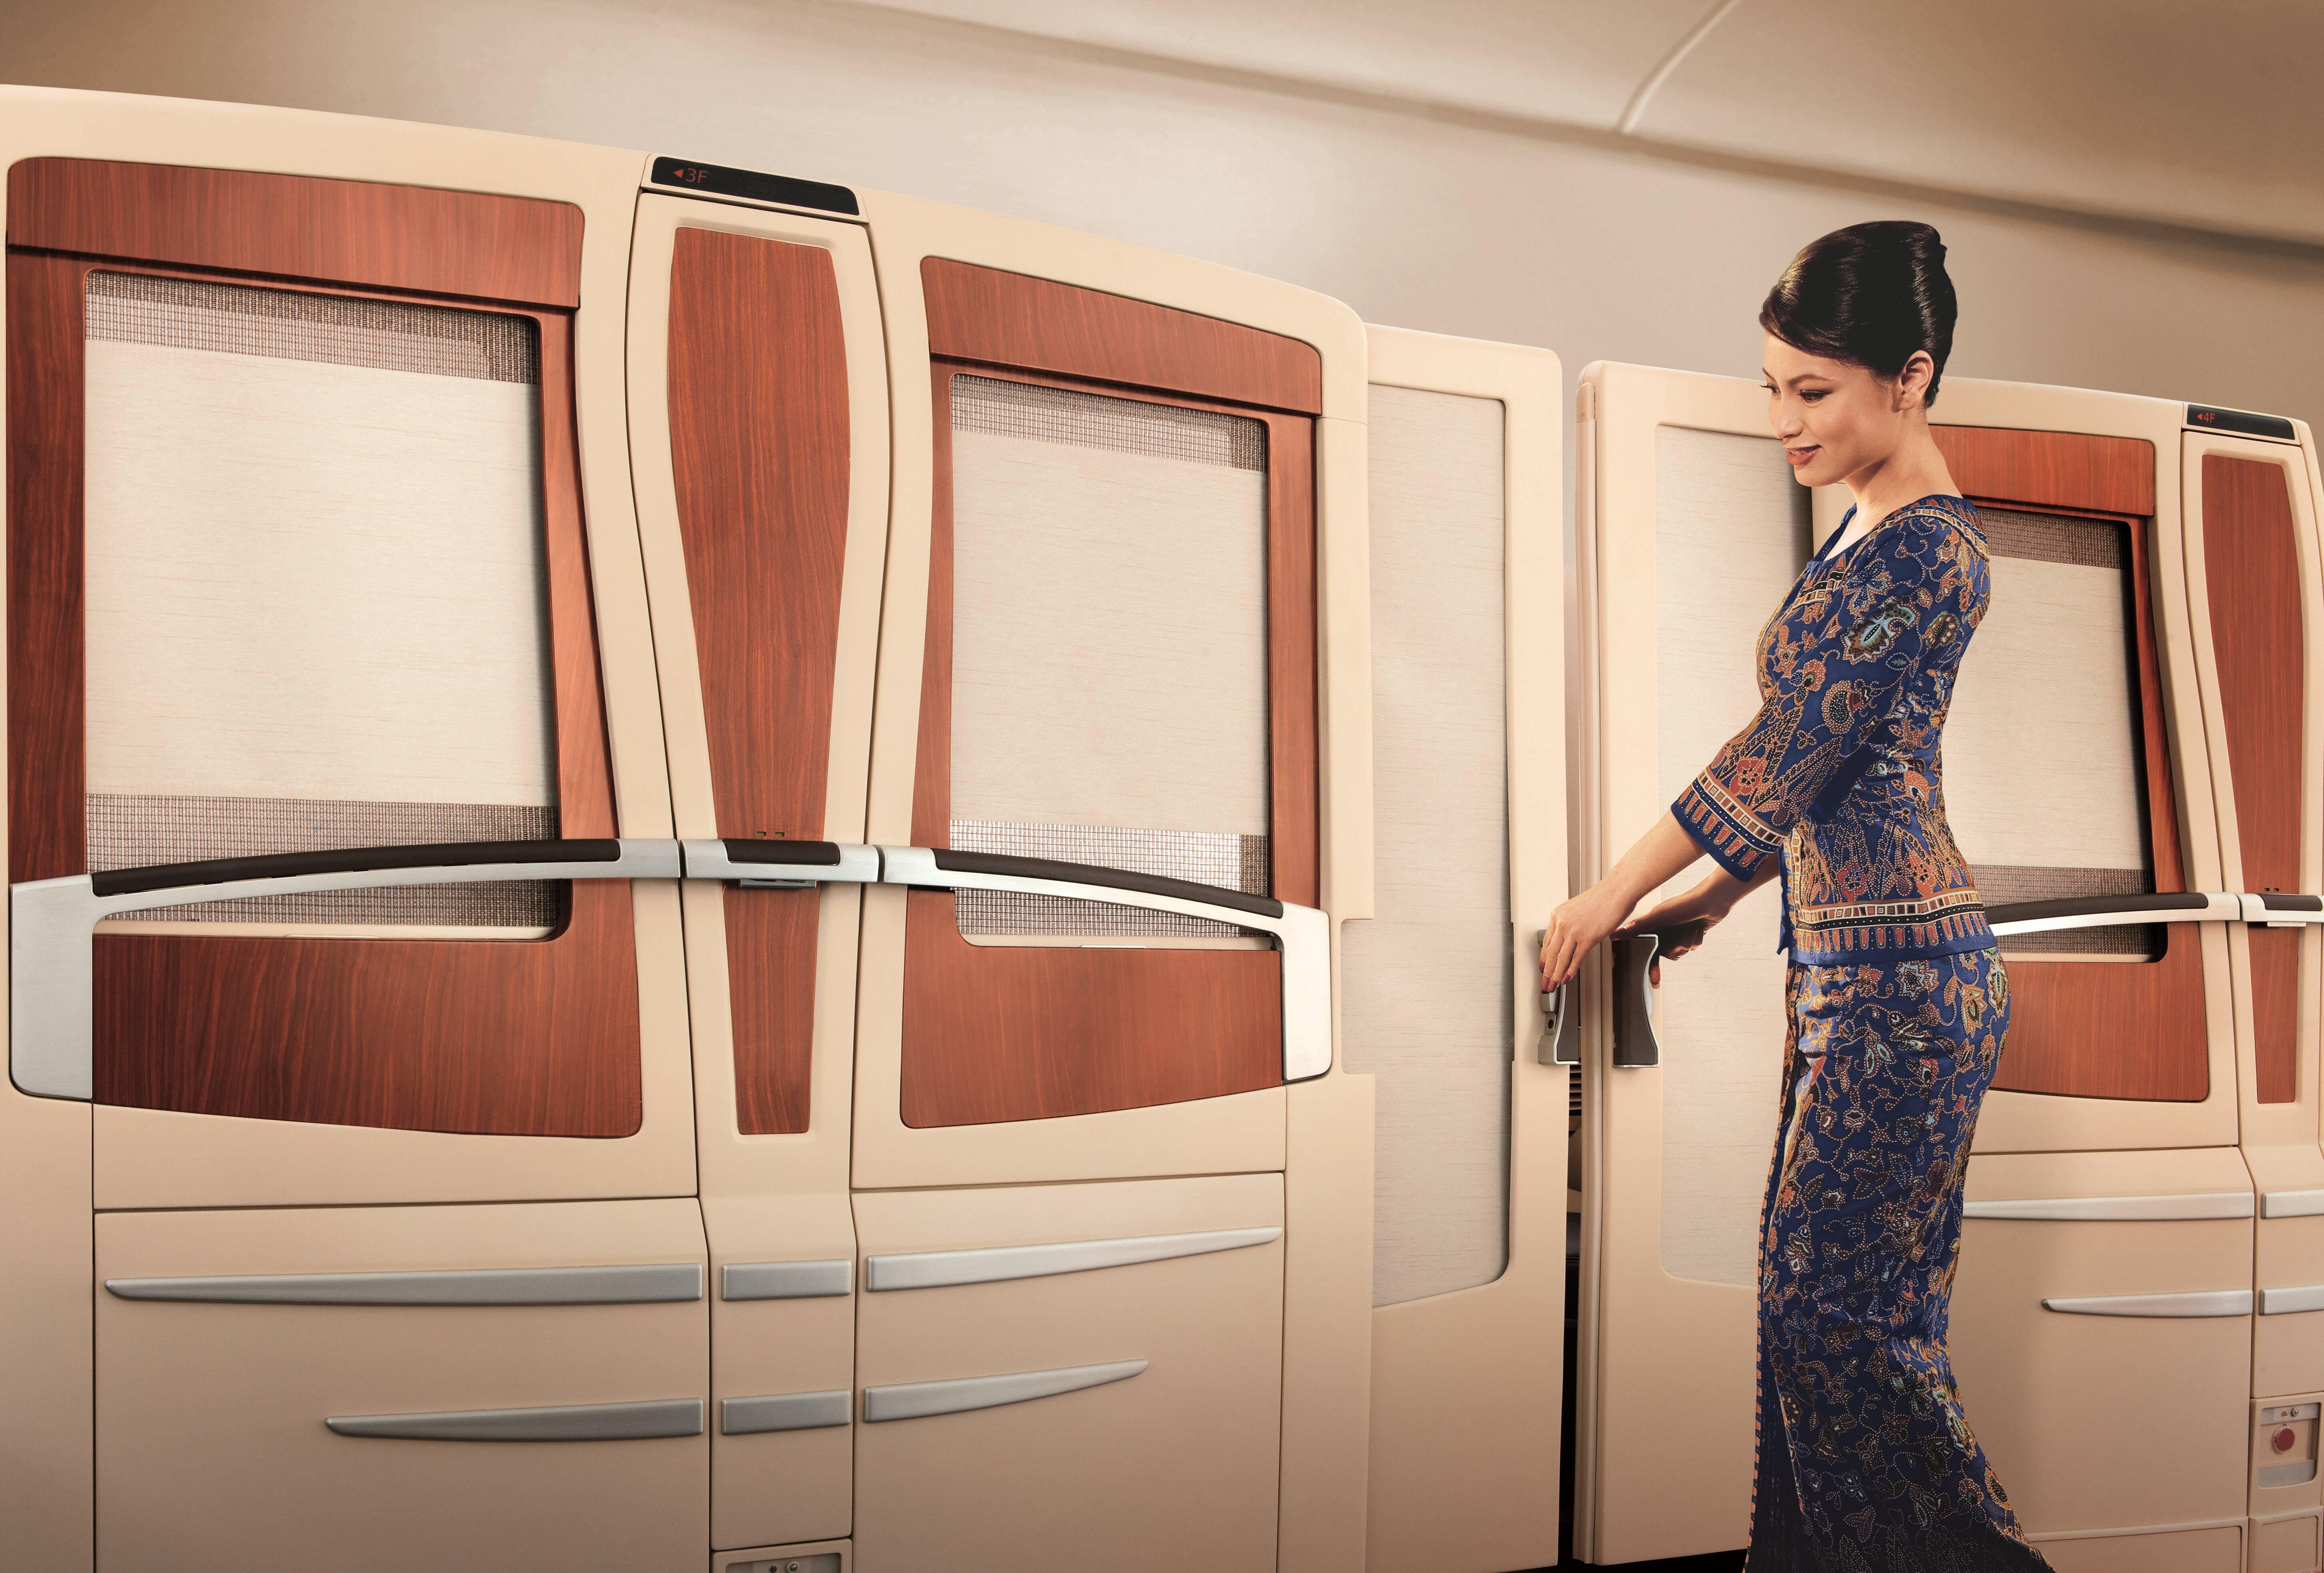 Outro diferencial da primeira classe da Singapore são as portas de correr para garantir a privacidade dos passageiros. Foto: Divulgação/Singapore Airlines